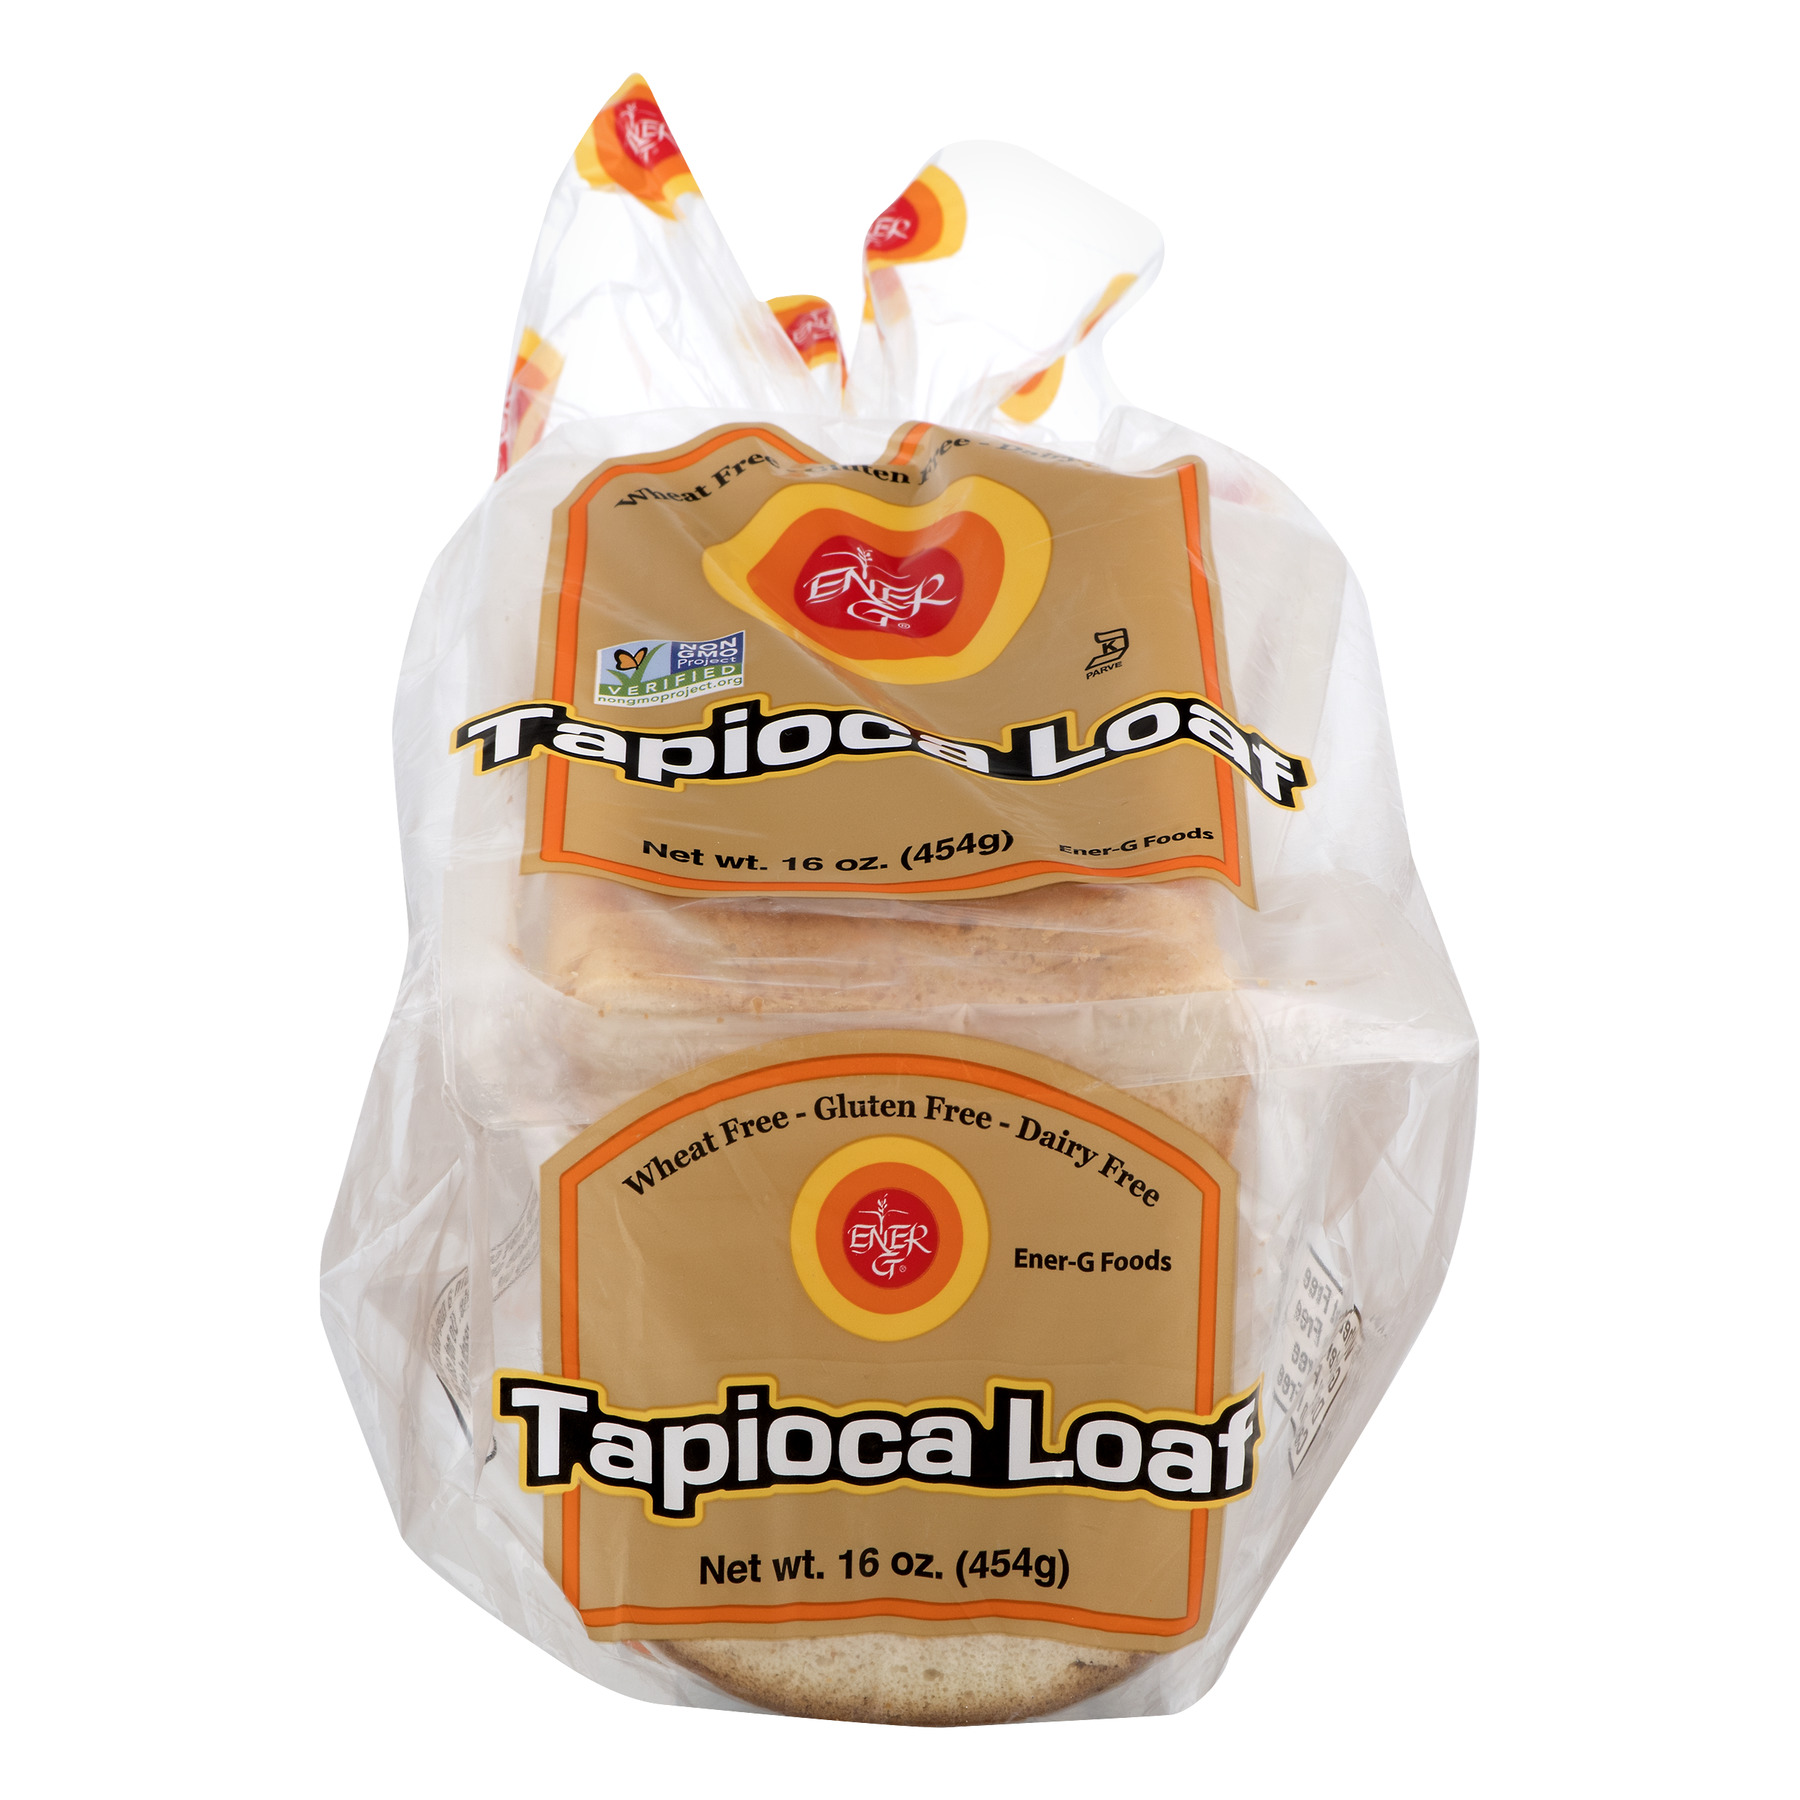 Ener g Tapioca Loaf, 16 Oz